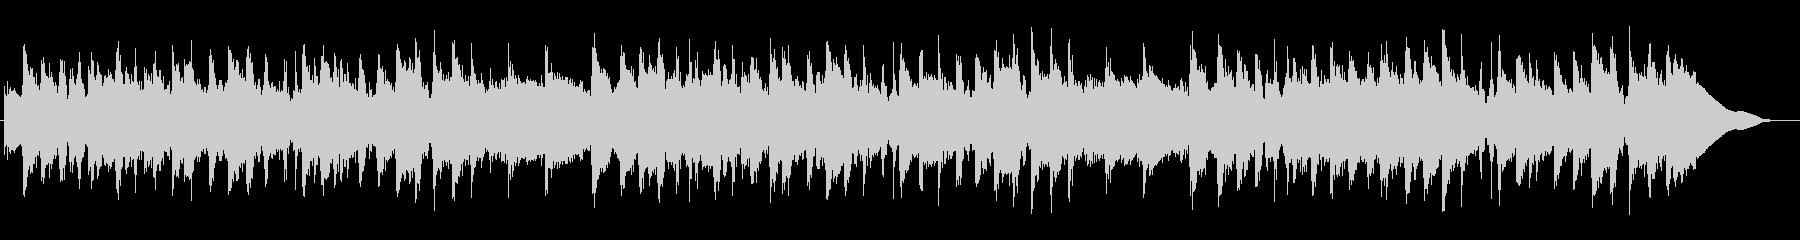 ミディアムテンポのバーで演奏されていそうの未再生の波形